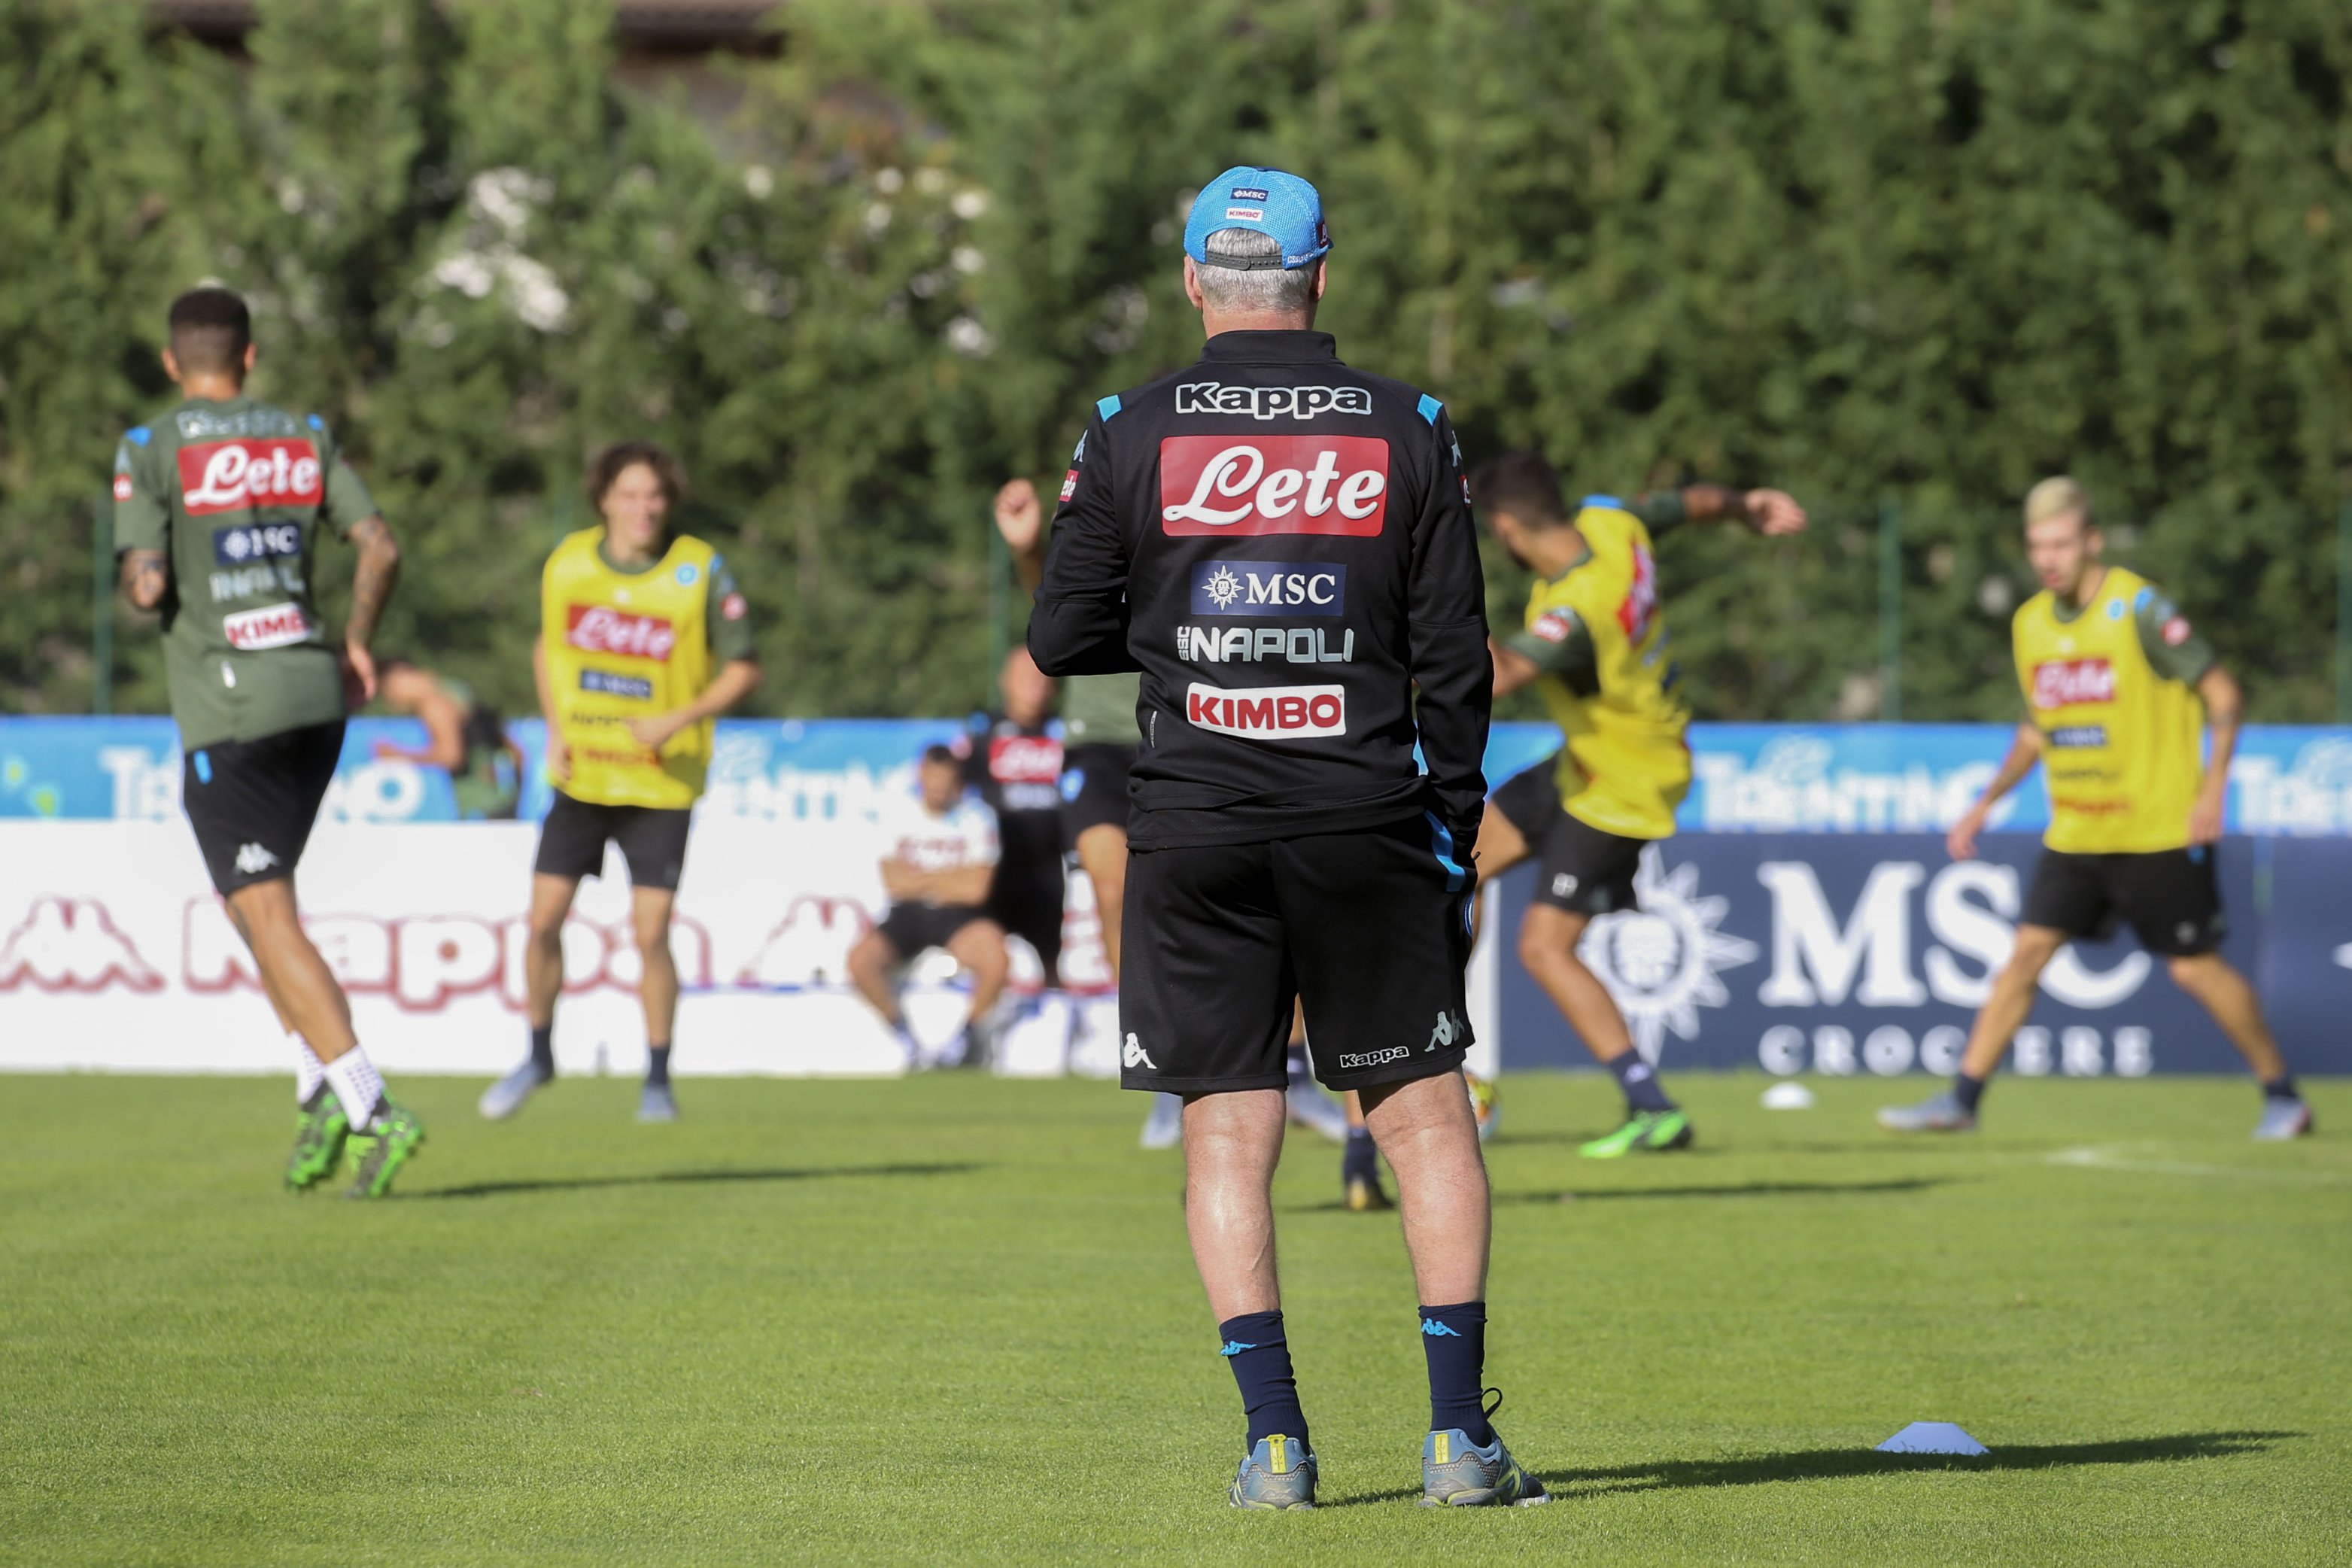 Napoli Calcio, le amichevoli estive 2019 in diretta su Sky